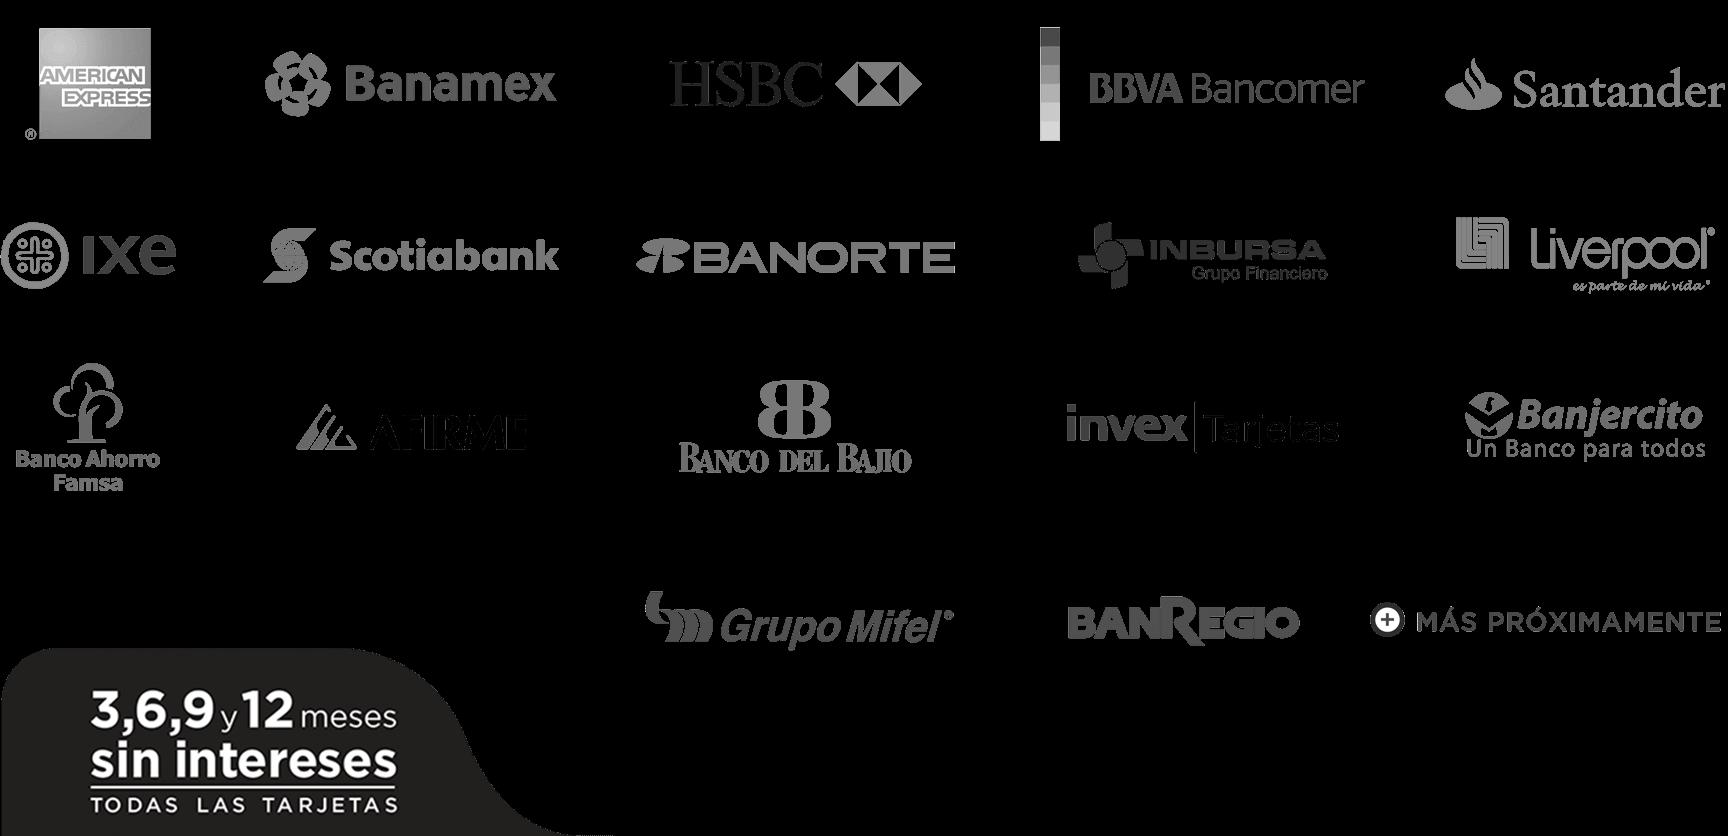 3, 6, 9 y 12 meses sin intereses con los principales bancos